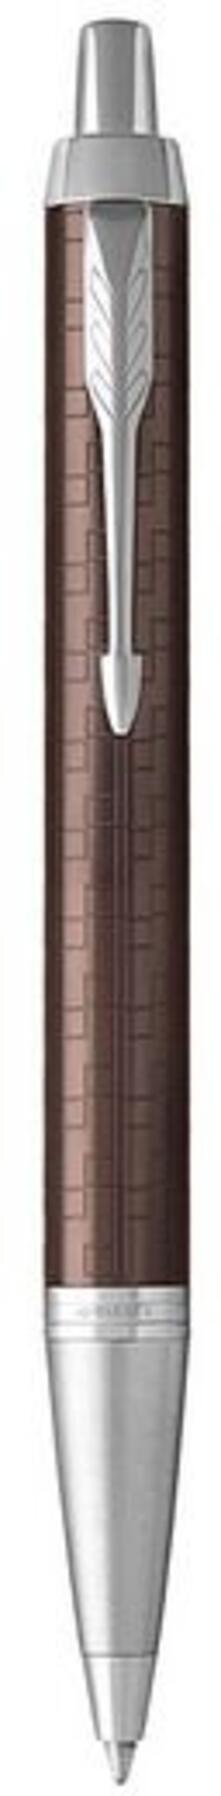 Parker 1931679 penna a sfera Blu Clip-on retractable ballpoint pen 1 pezzo(i)